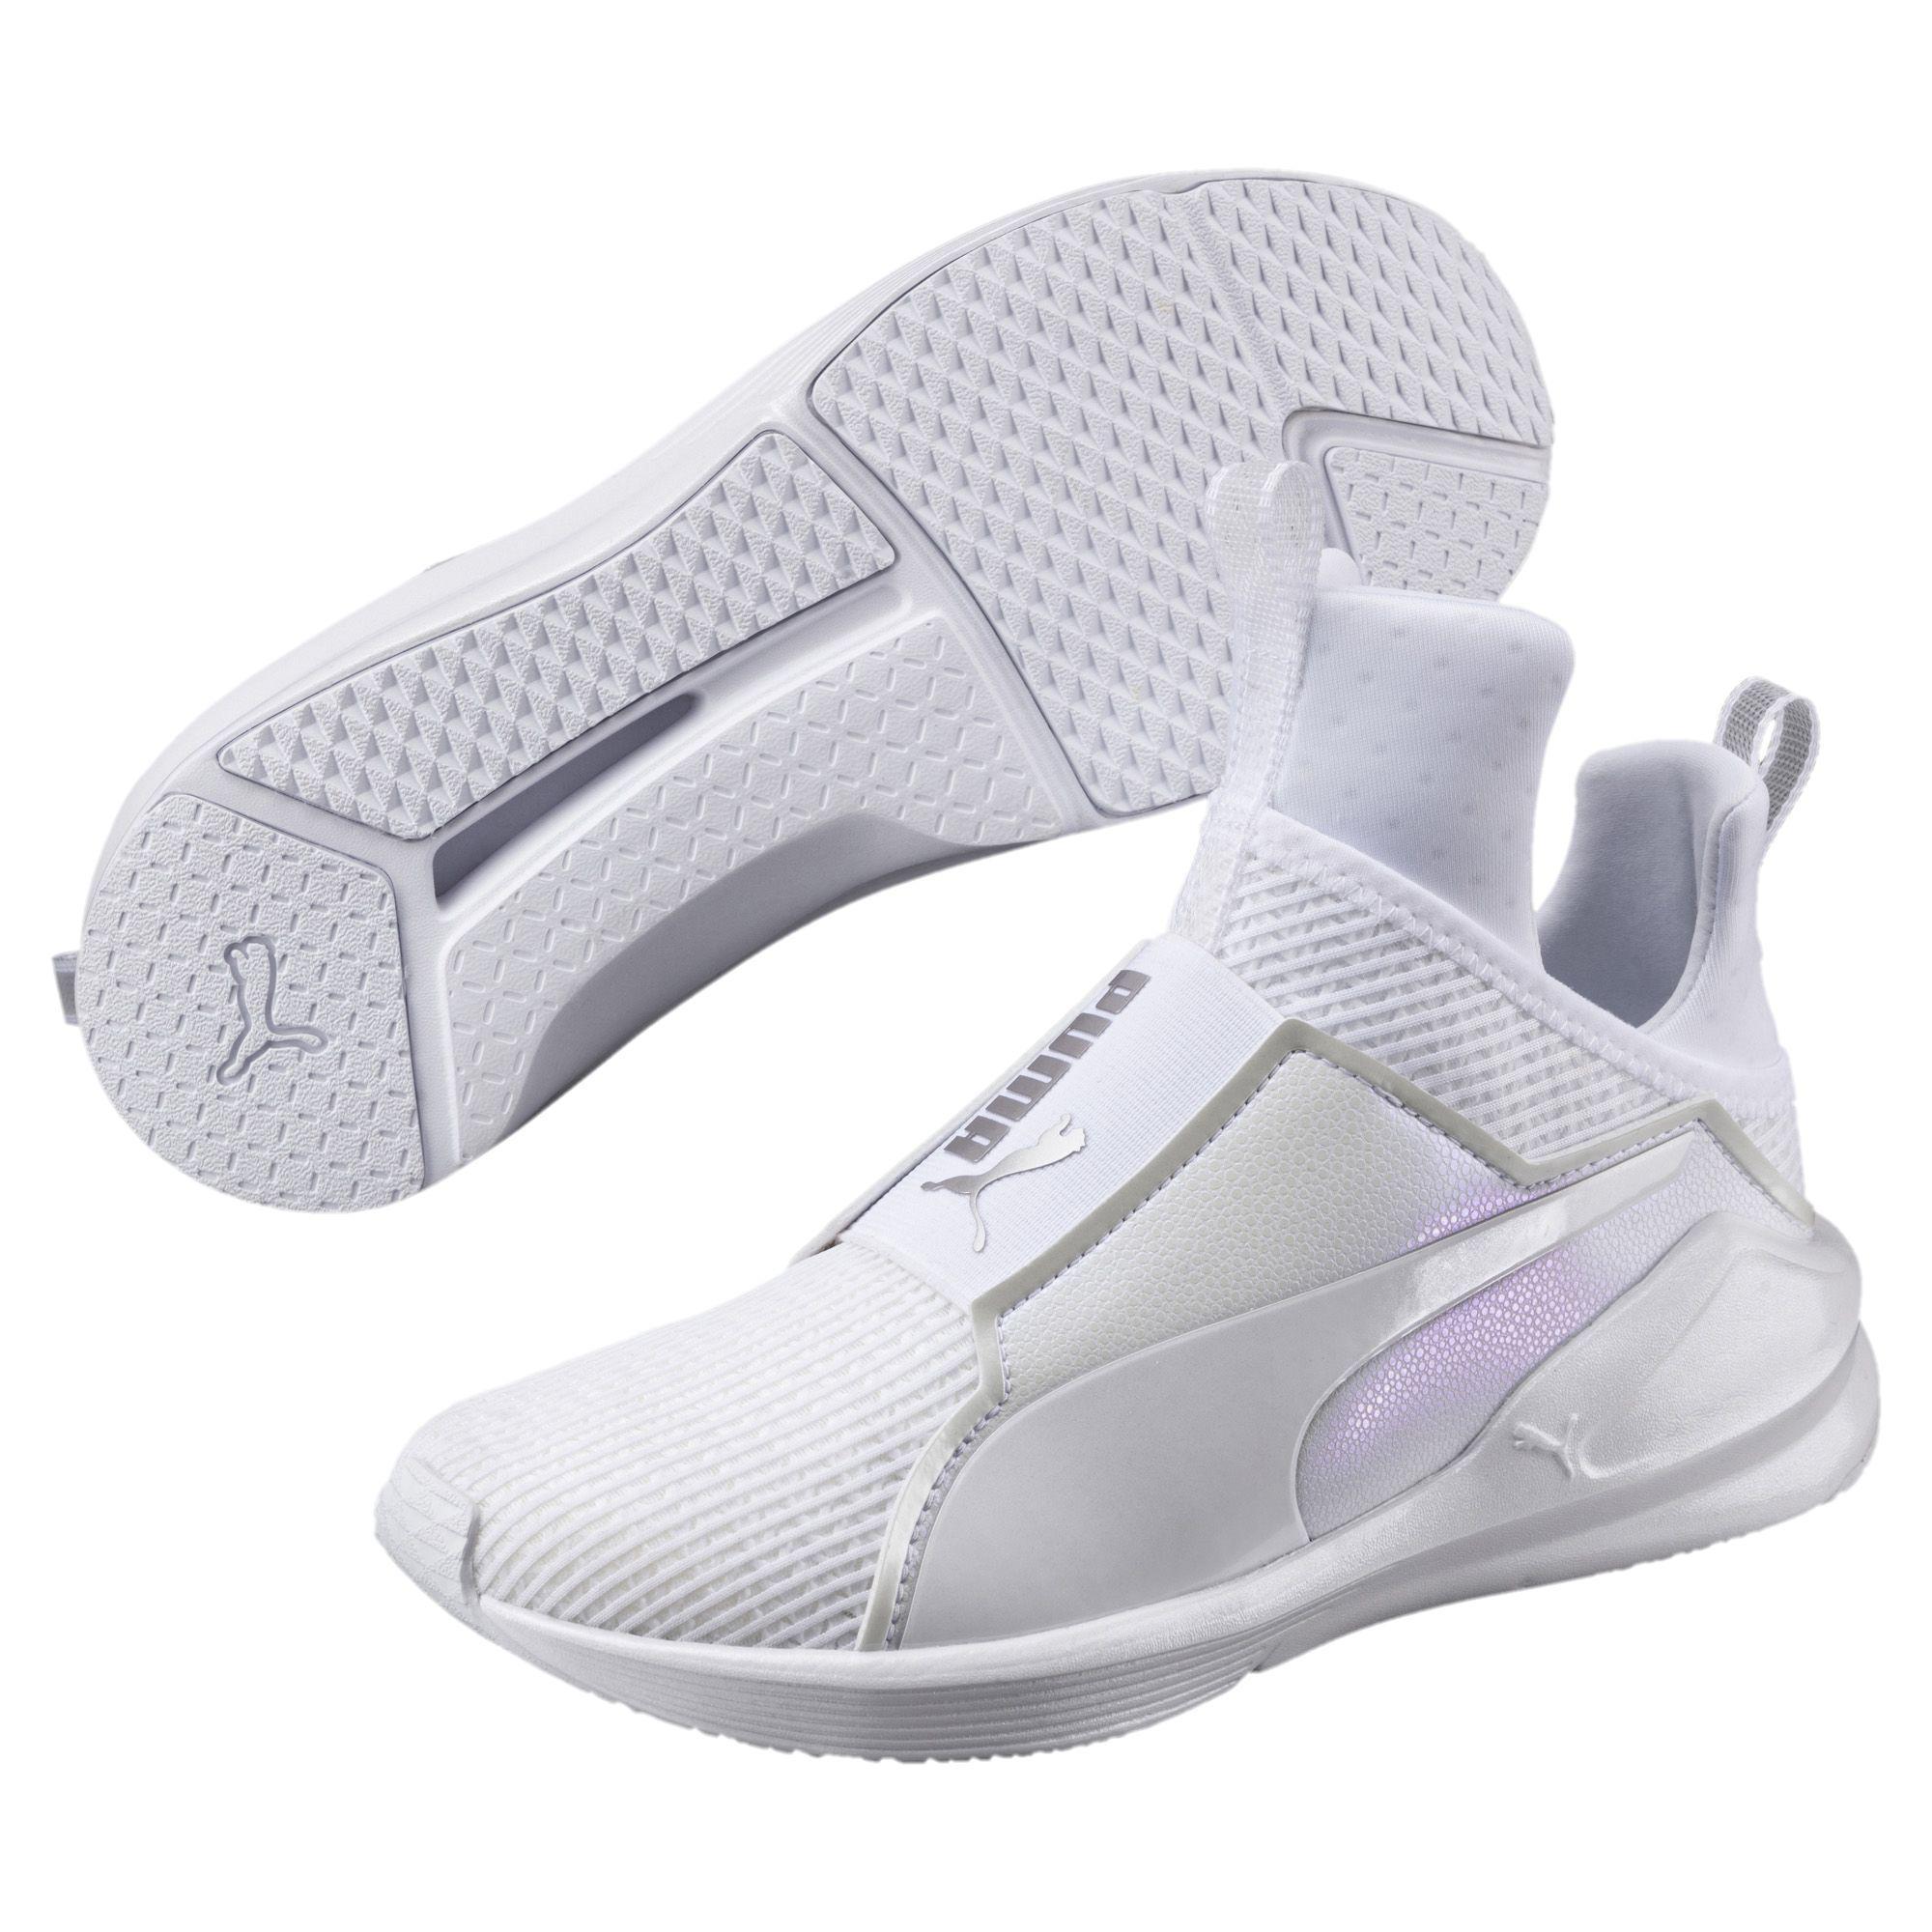 685384cfa14 Lyst - PUMA Fierce En Pointe Women s Training Shoes in White